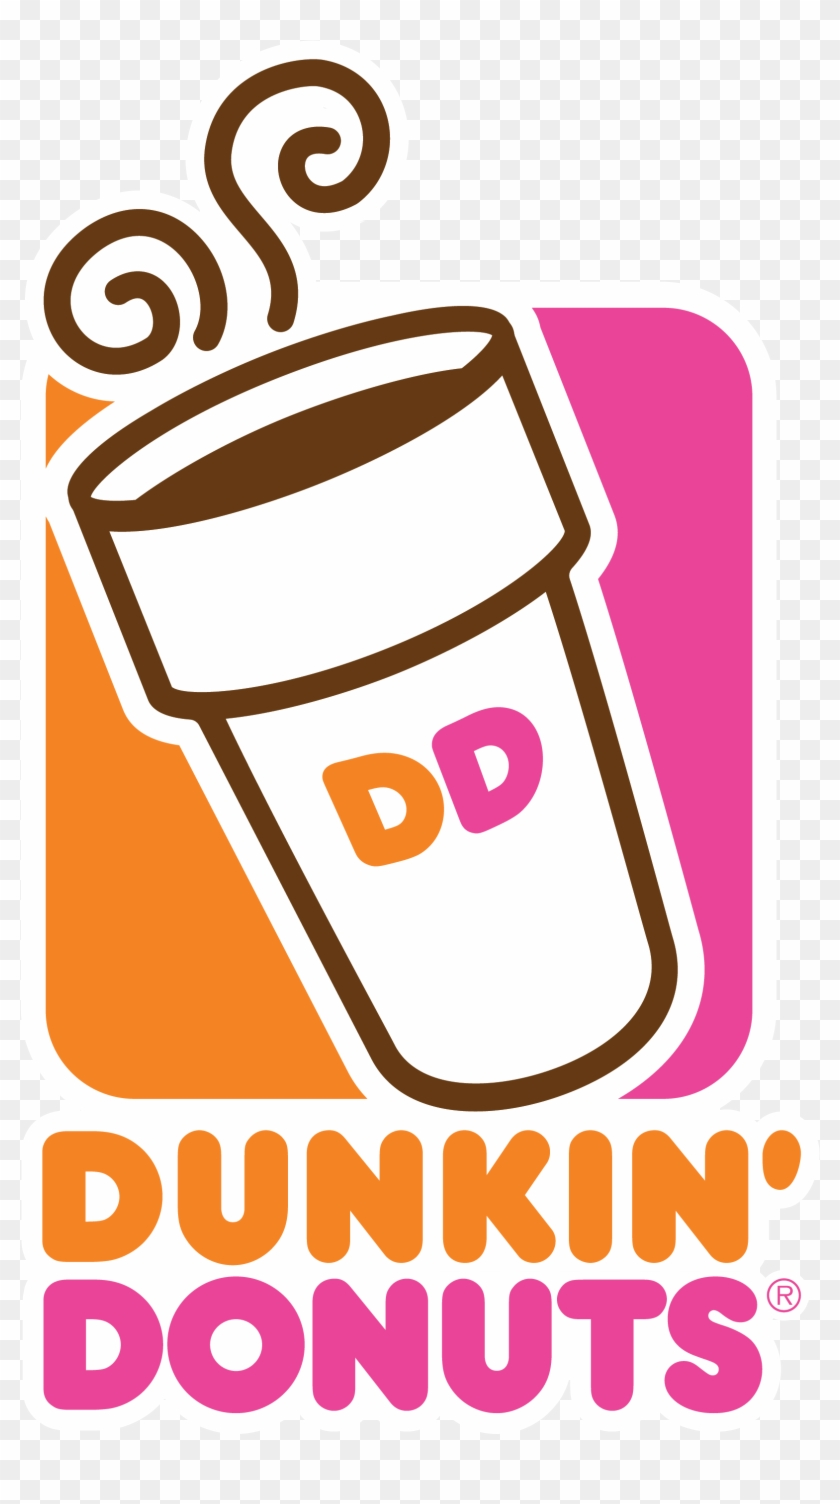 Dunkin Donuts Clip Art - Dunkin Donuts #384389